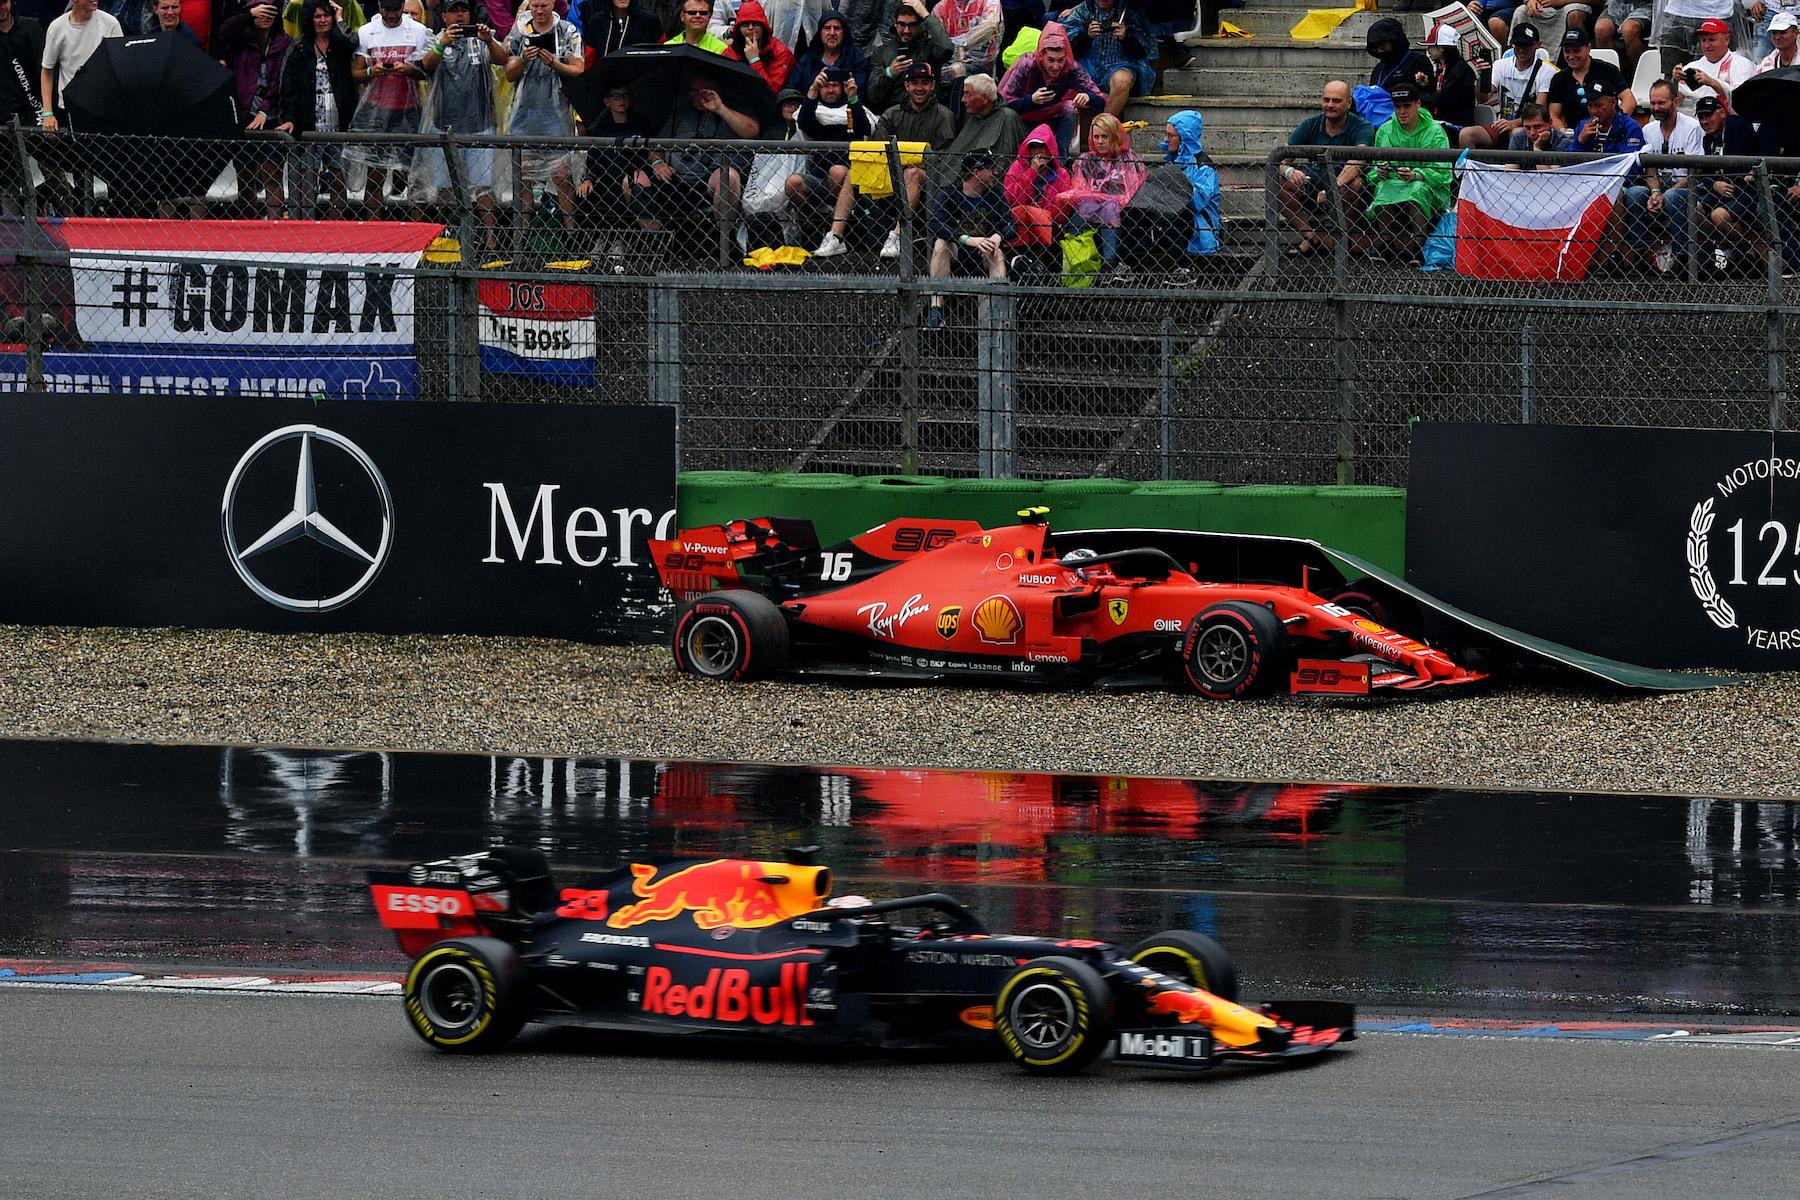 5 2019 German GP Sunday 18.jpg